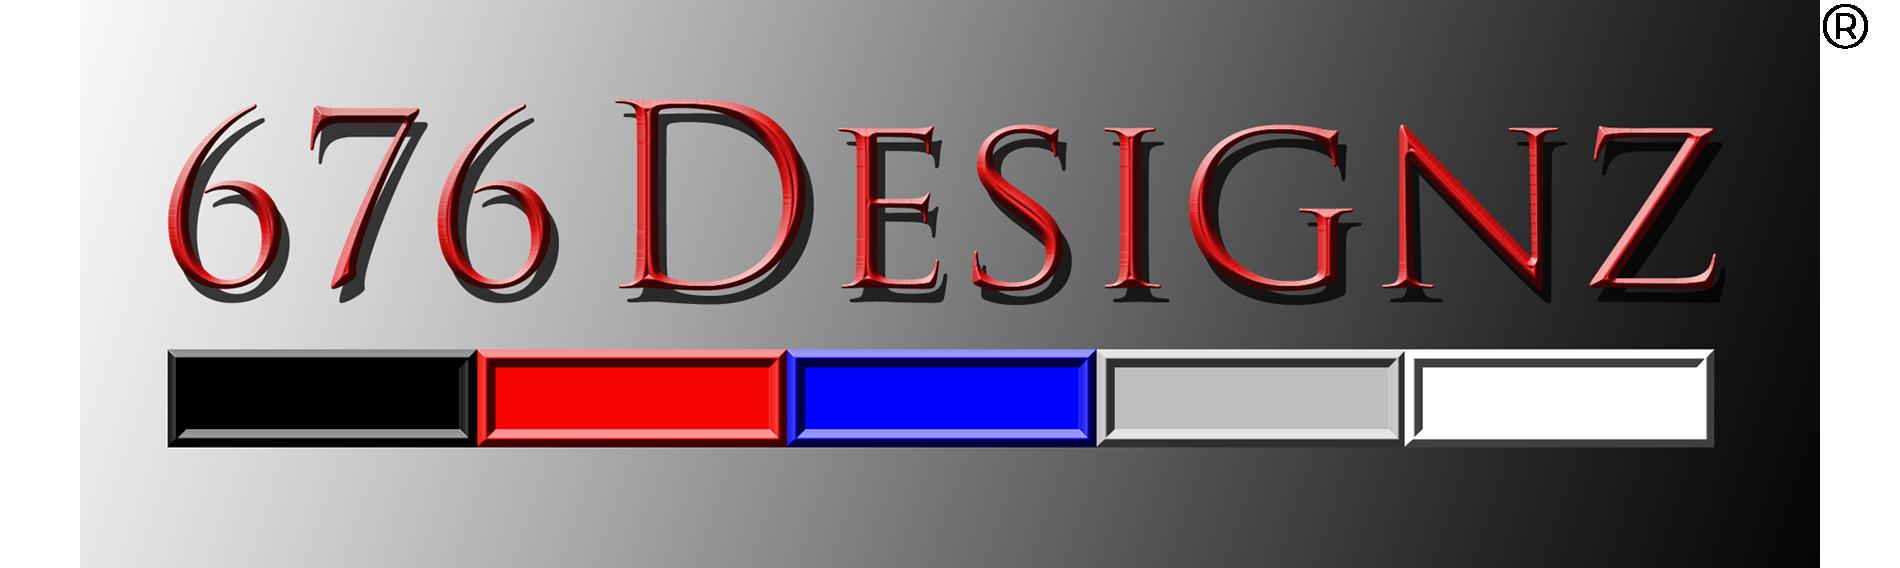 676 DESIGNZ - eingetragene Marke - Markenlogo